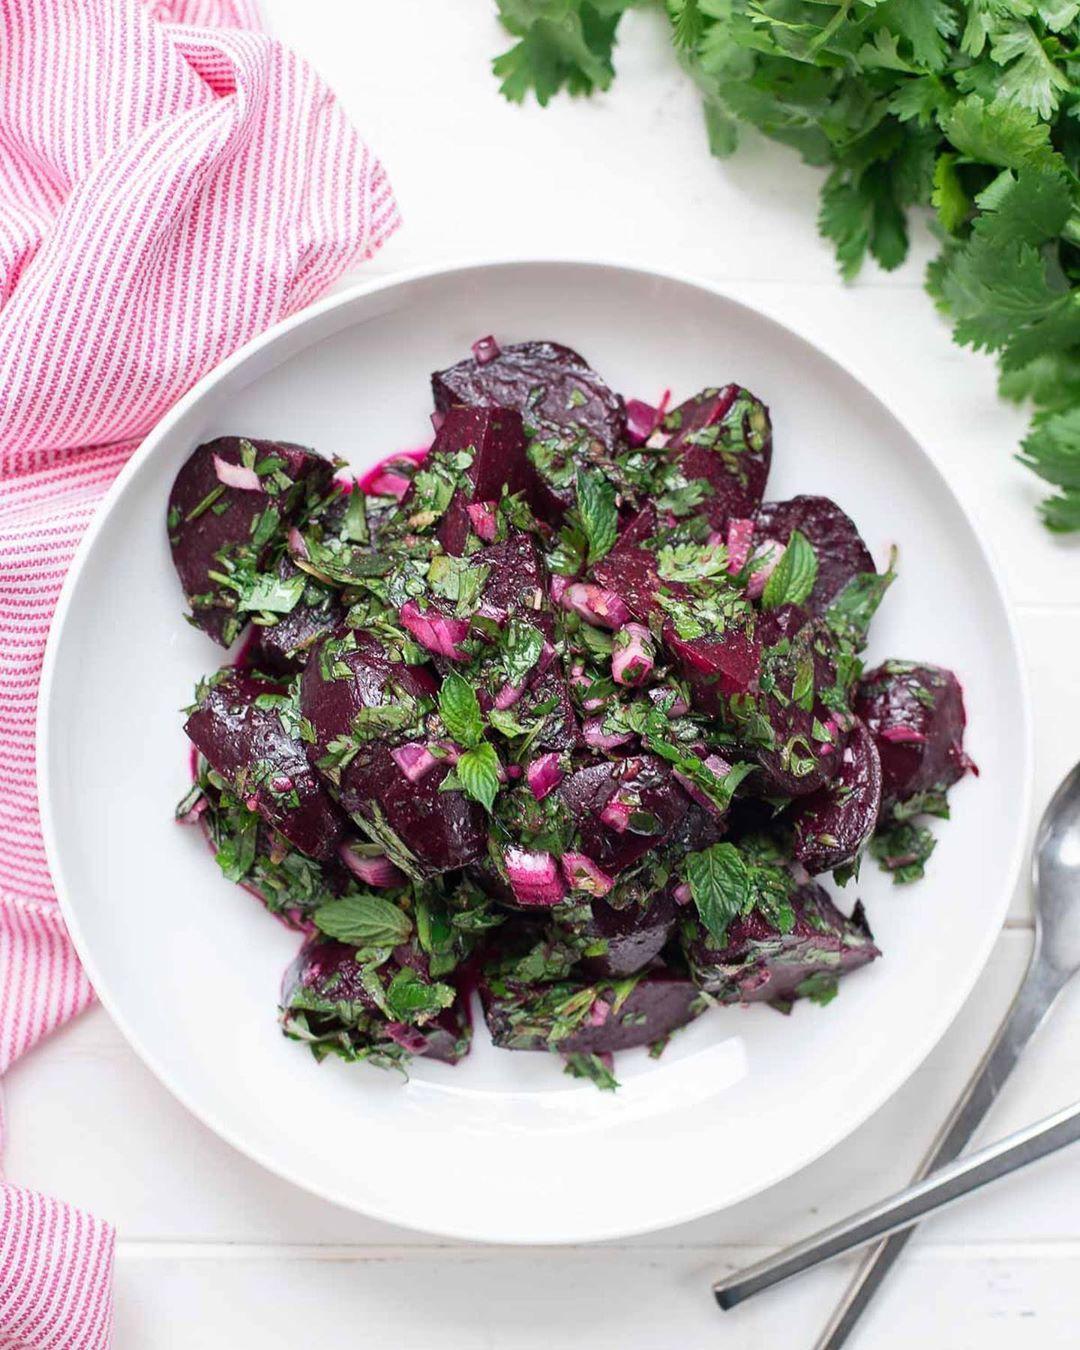 Dieser Rote Bete Salat schmeckt jedem. Ich habe es bei Freunden ausprobiert. Das liegt an den frischen Kräutern. Und die Rote Bete war morgens noch auf dem Acker. Frischer geht nicht. Lasst es Euch schmecken!!! 🤗 . . . . ✨Das Rezept findet ihr im Link in meiner Bio und auf  . . . . .